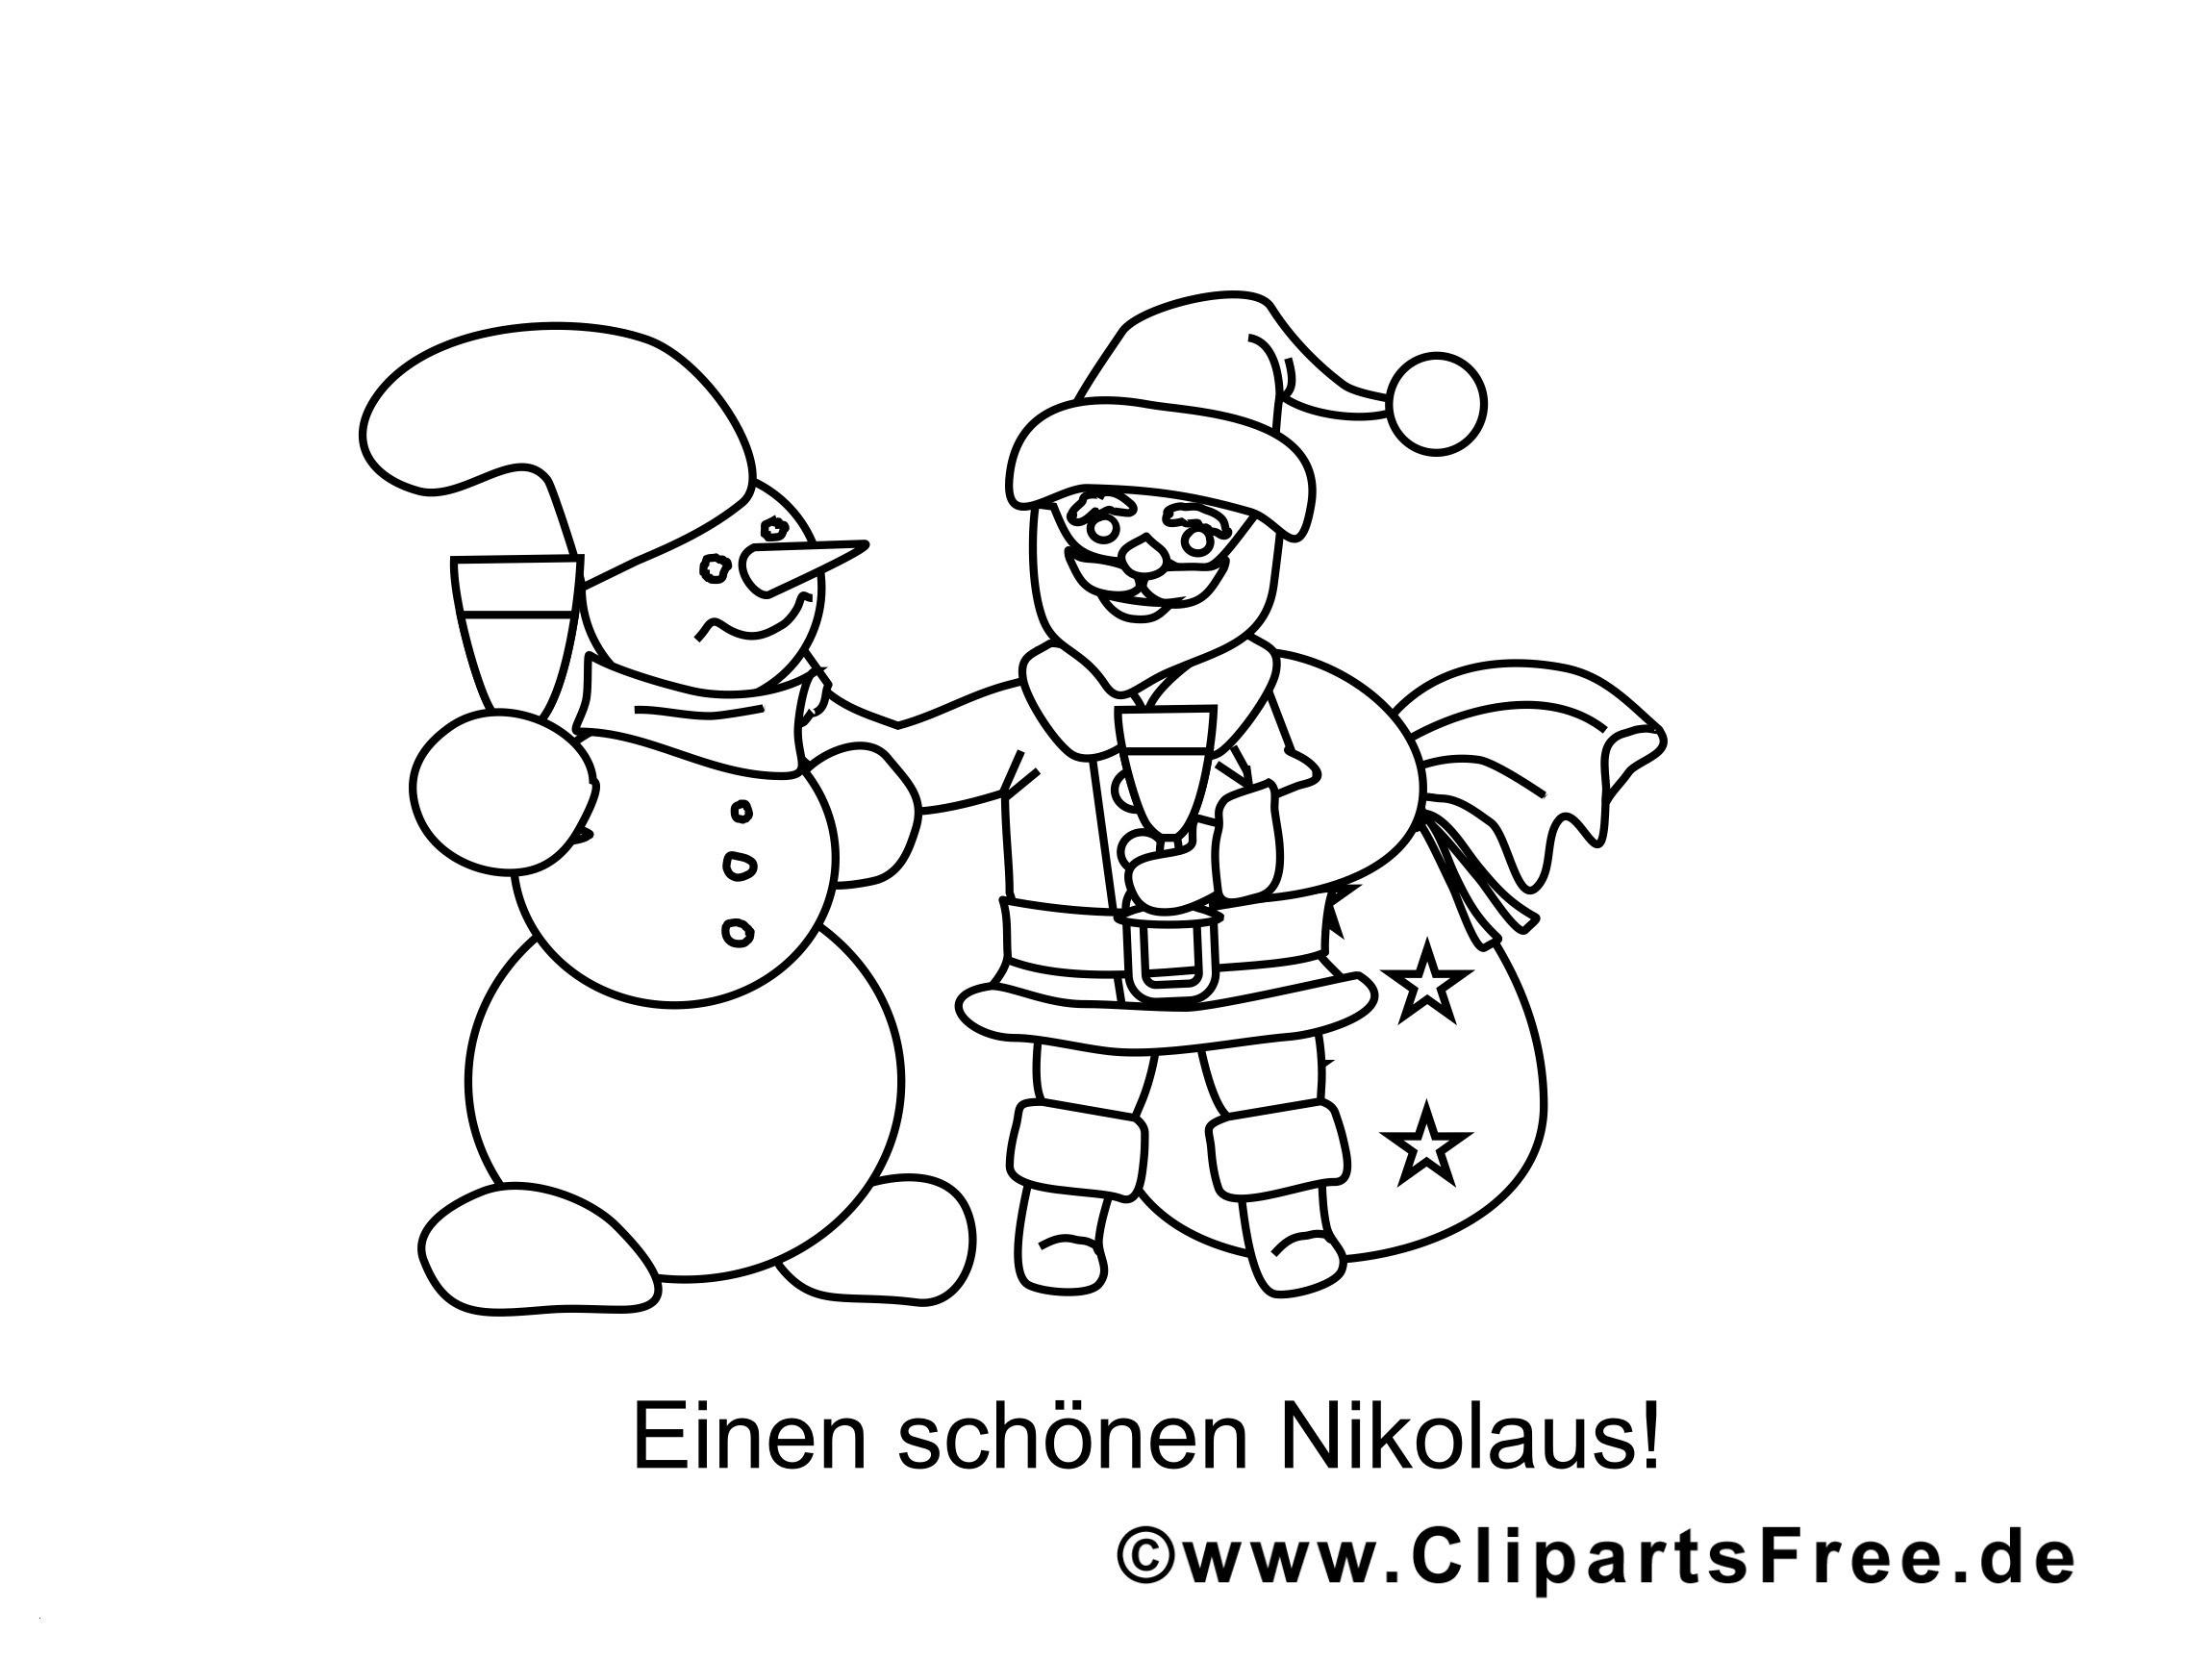 Dino Zug Ausmalbilder Neu Ausmalbilder Weihnachten Schneemann Uploadertalk Schön Weihnachten Galerie